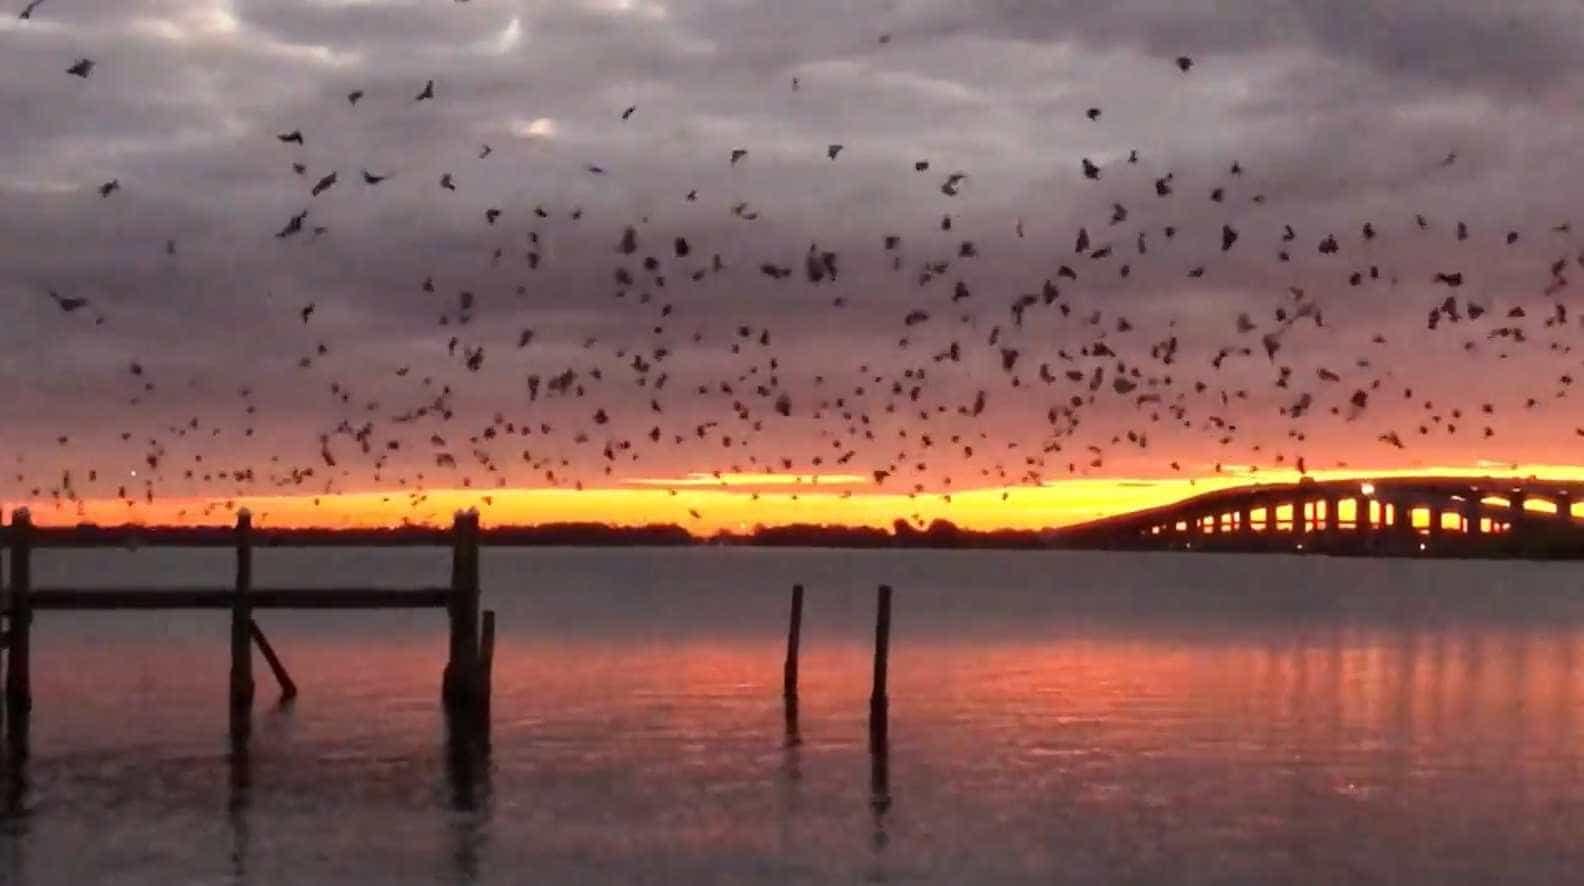 Pássaros preenchem o cenário de um pôr do sol impressionante na Flórida